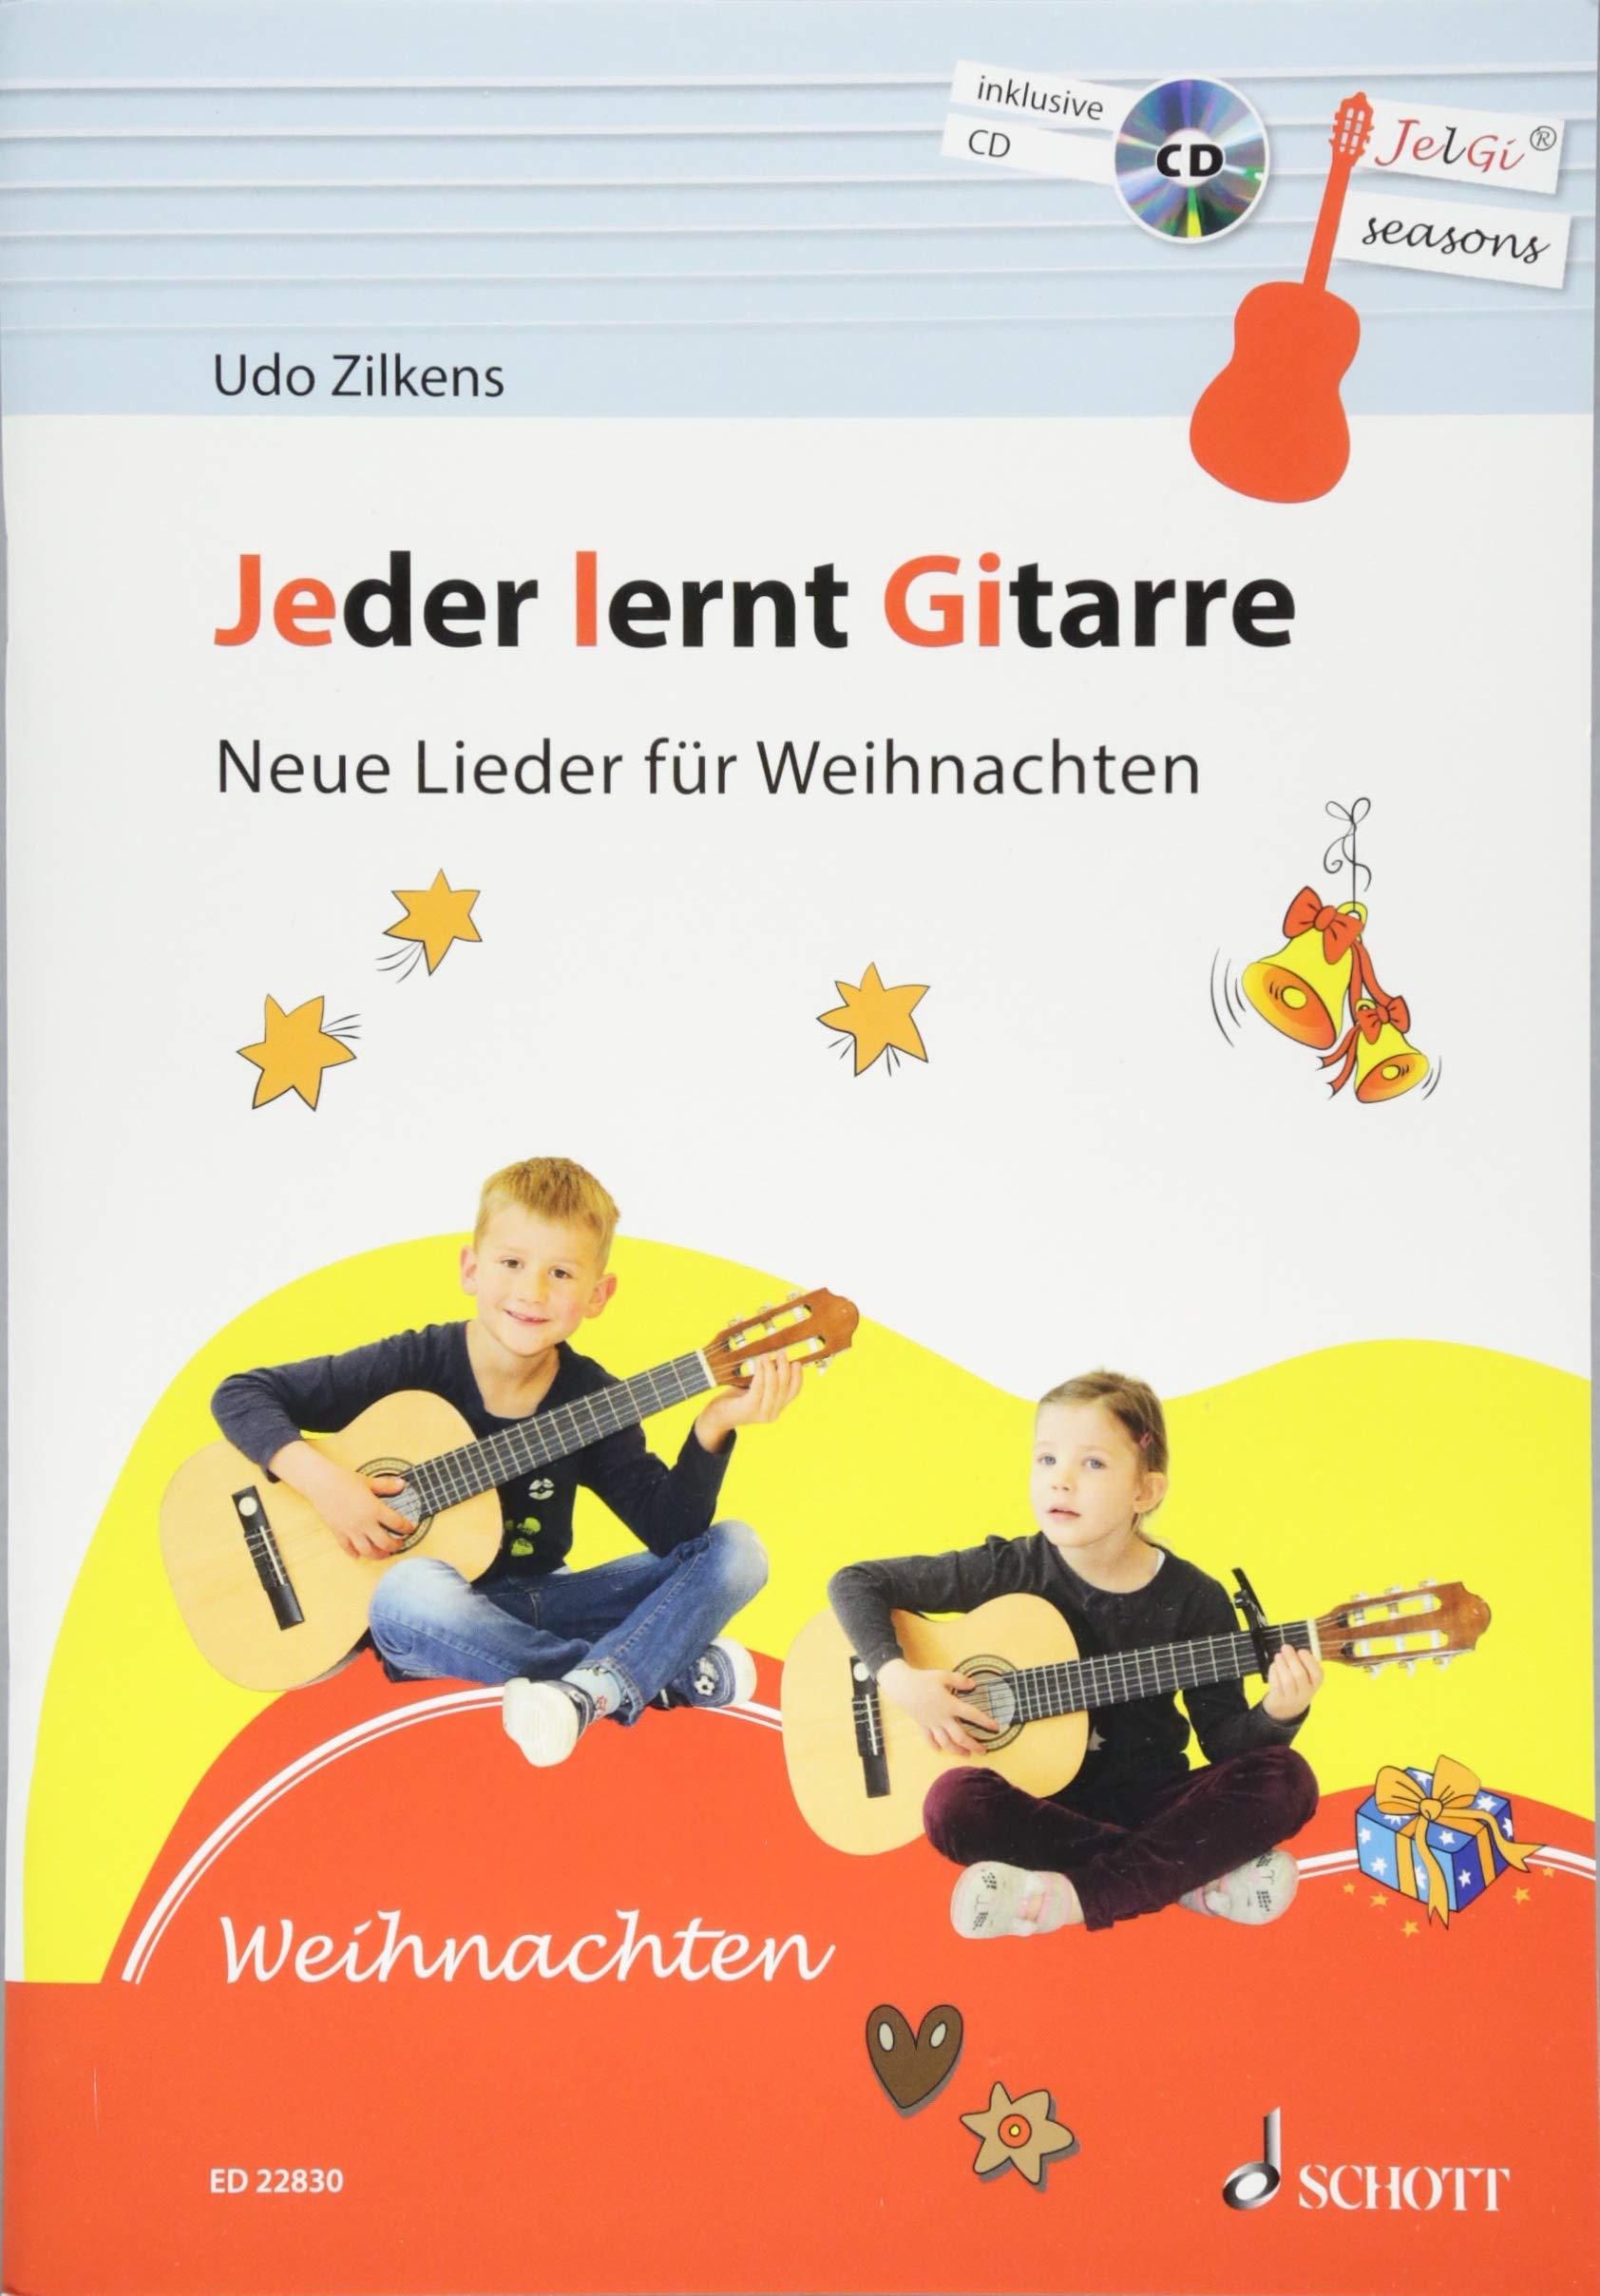 Jeder lernt Gitarre - Neue Lieder für Weihnachten: JelGi-Liederbuch ...